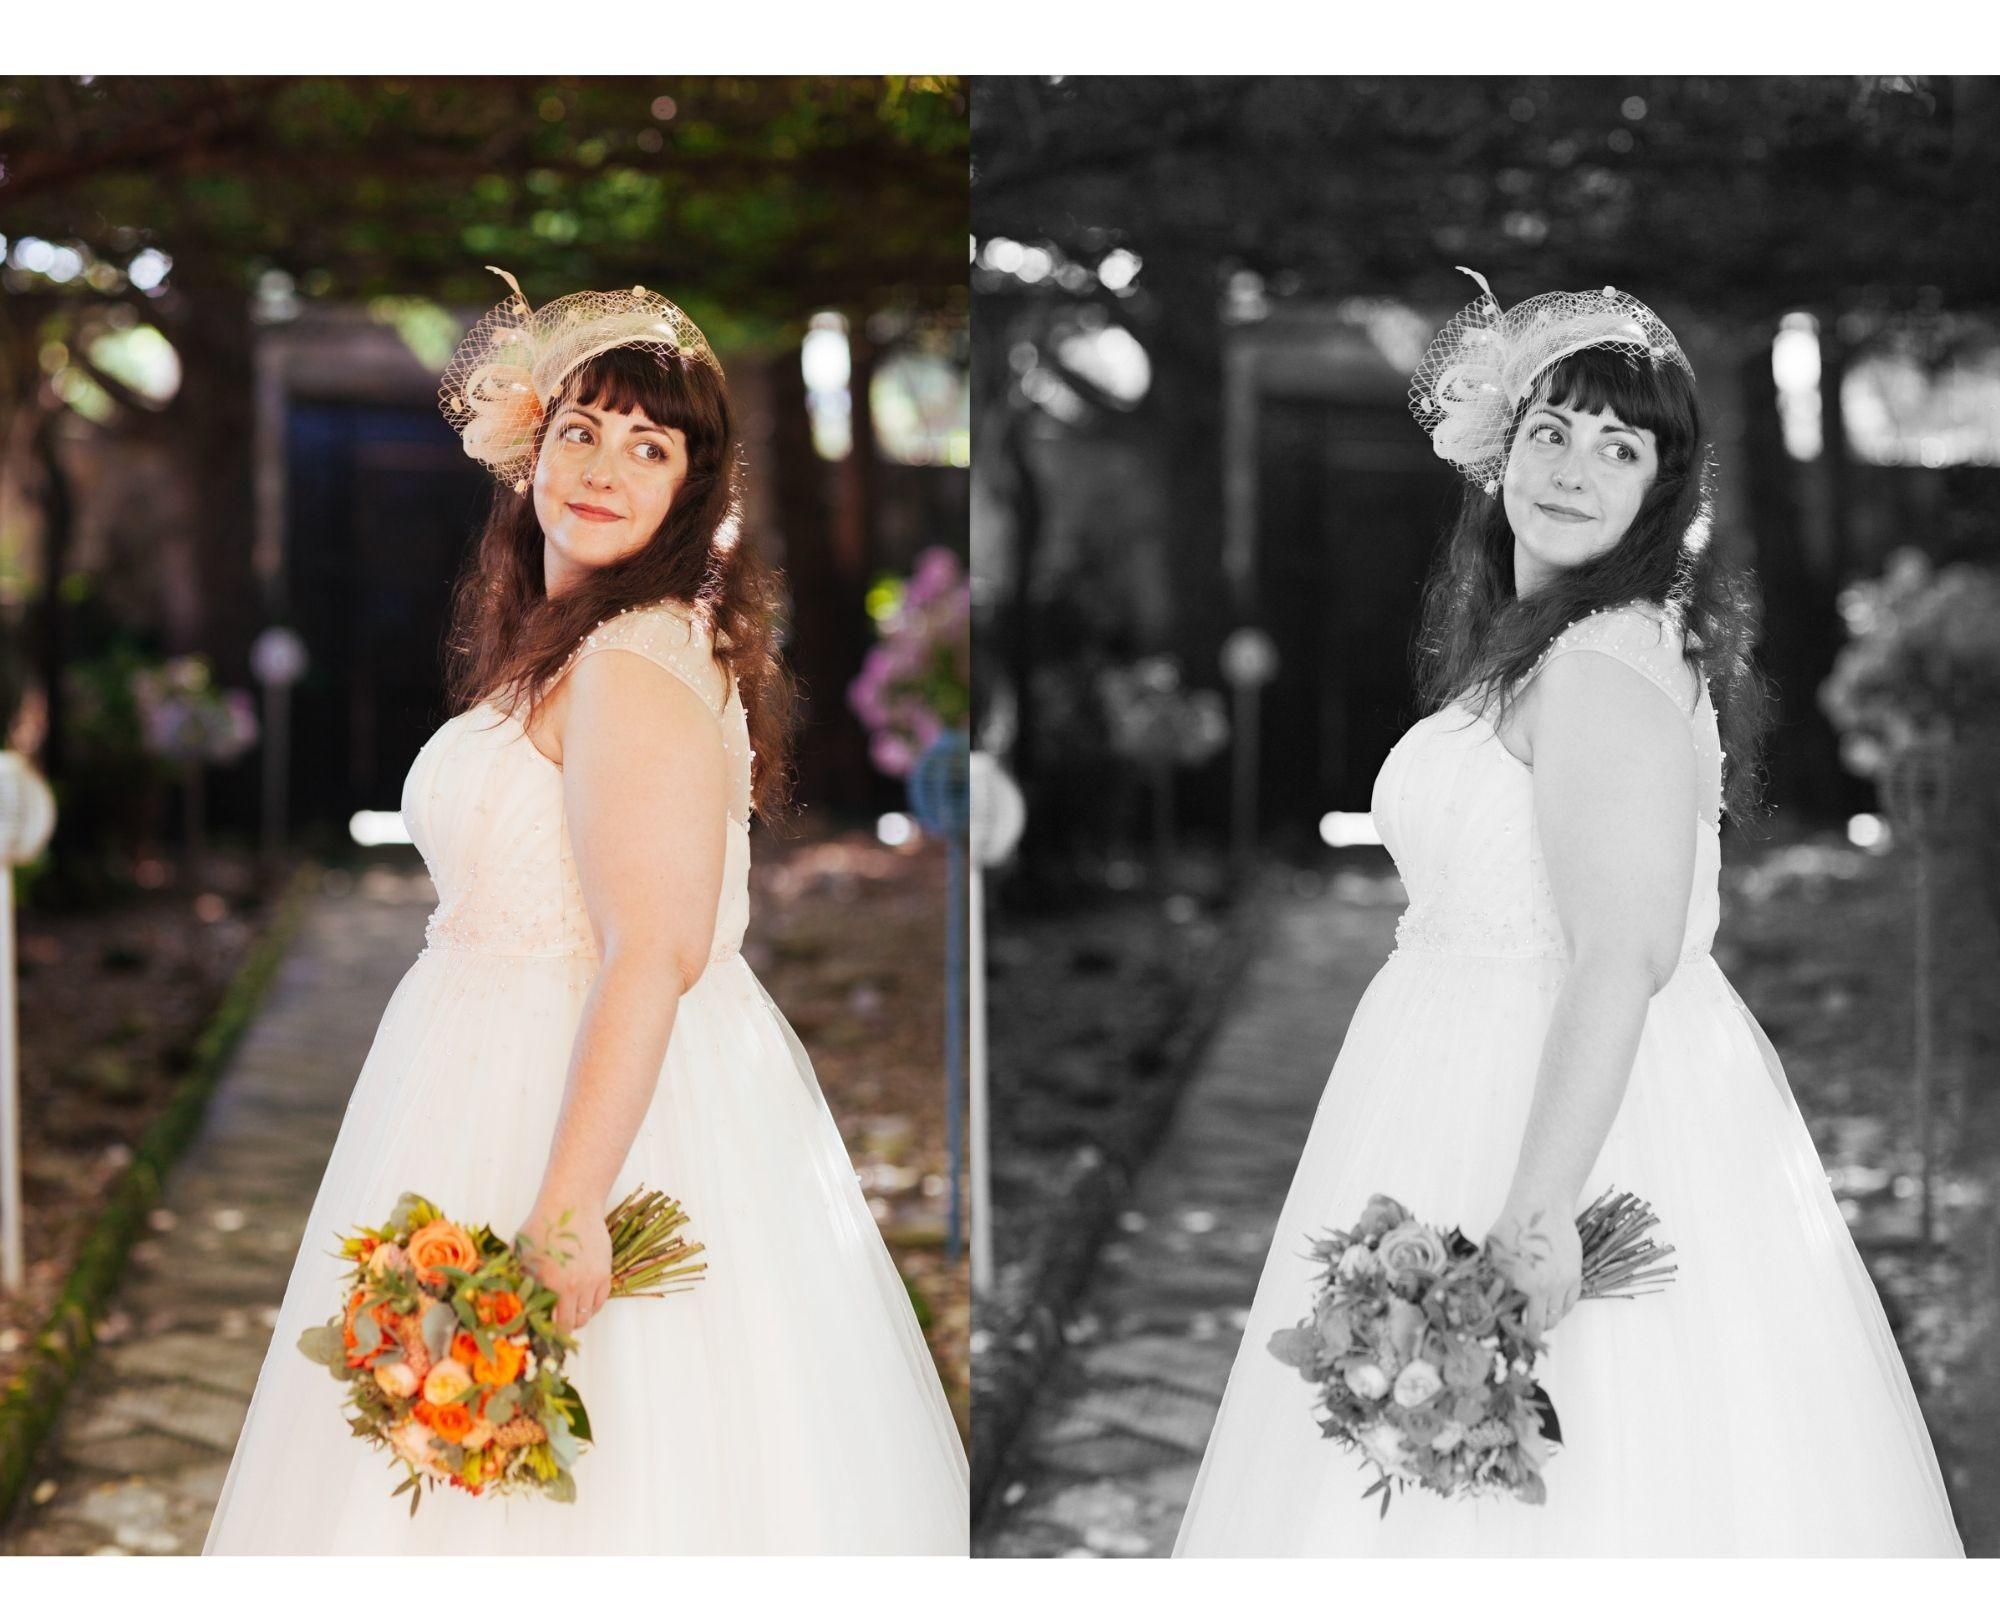 Retrato de la novia. Fotografo de bodas Kunst Photo & Art Barrika